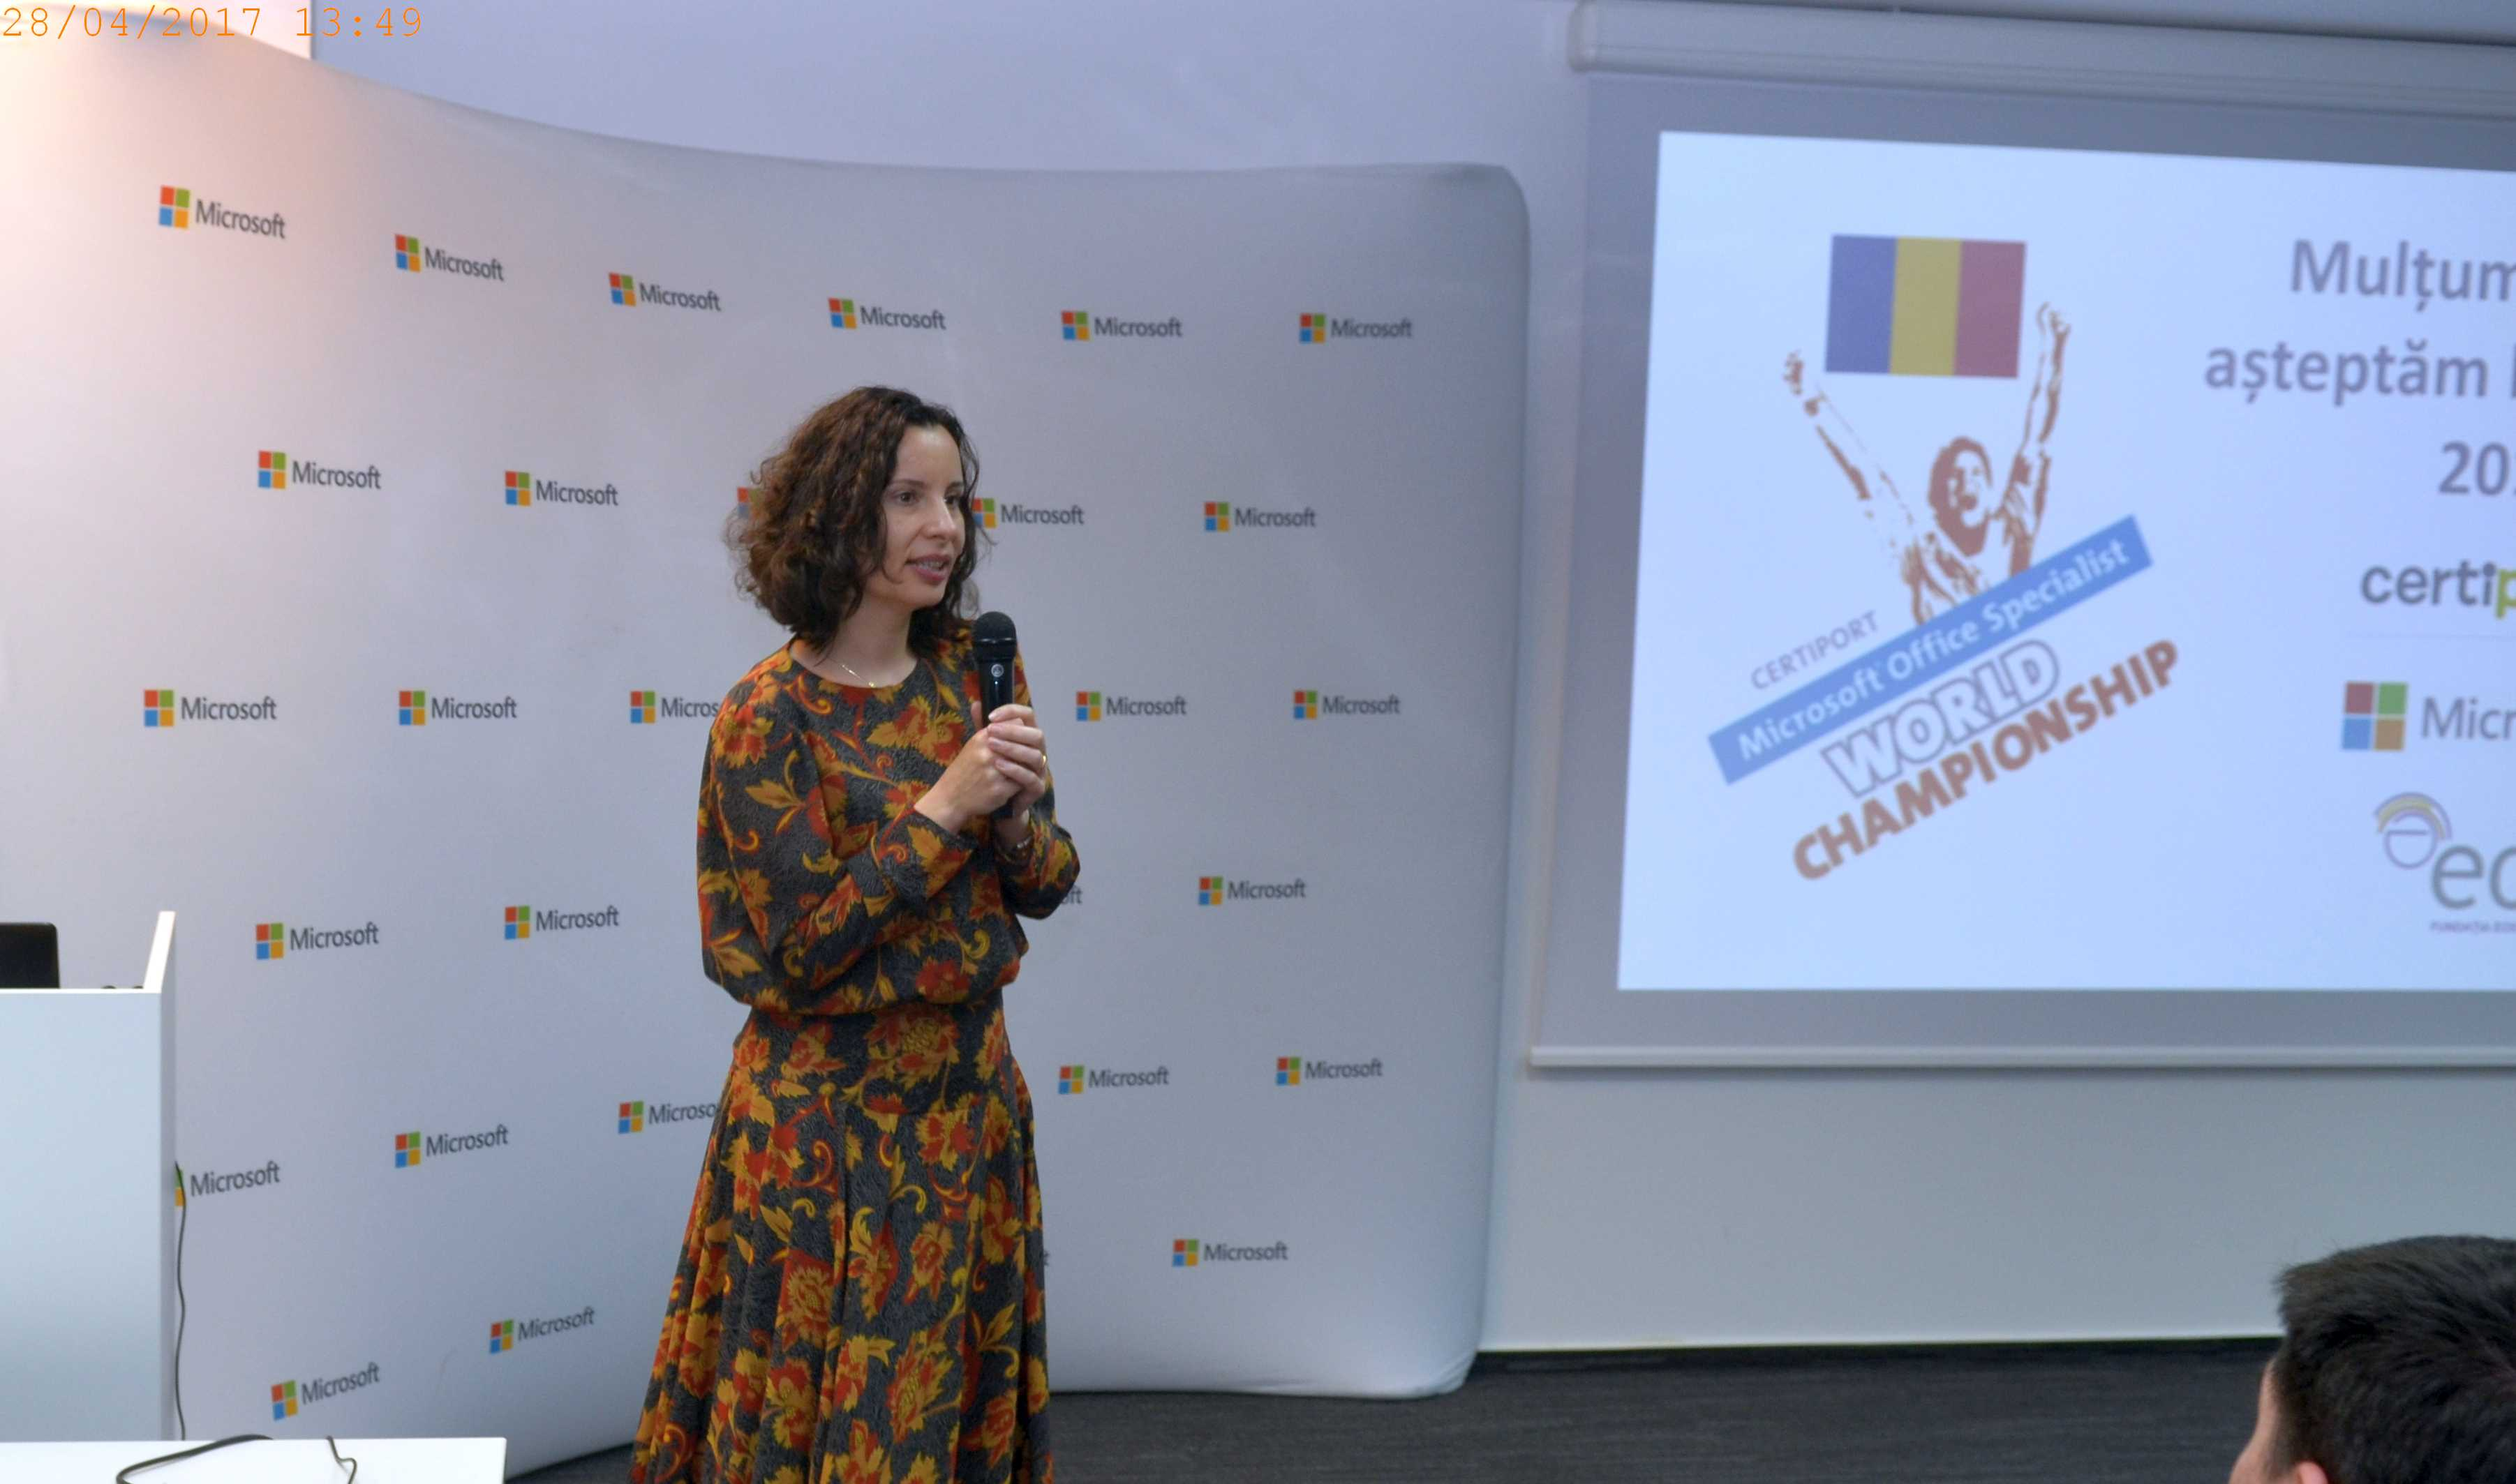 Image of Marilena Ionascu speaking